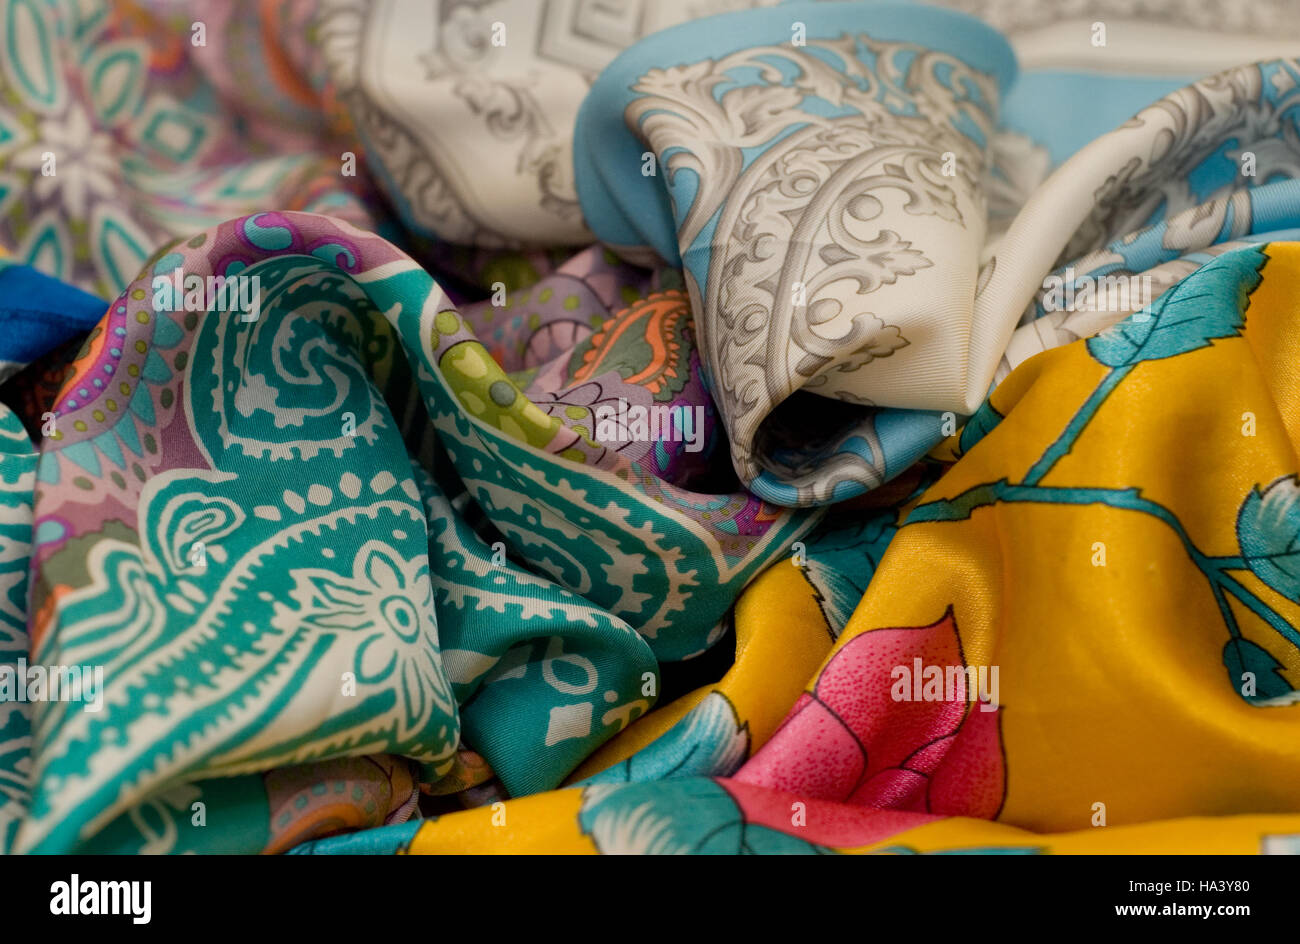 The multicoloured neckerchiefs - Stock Image